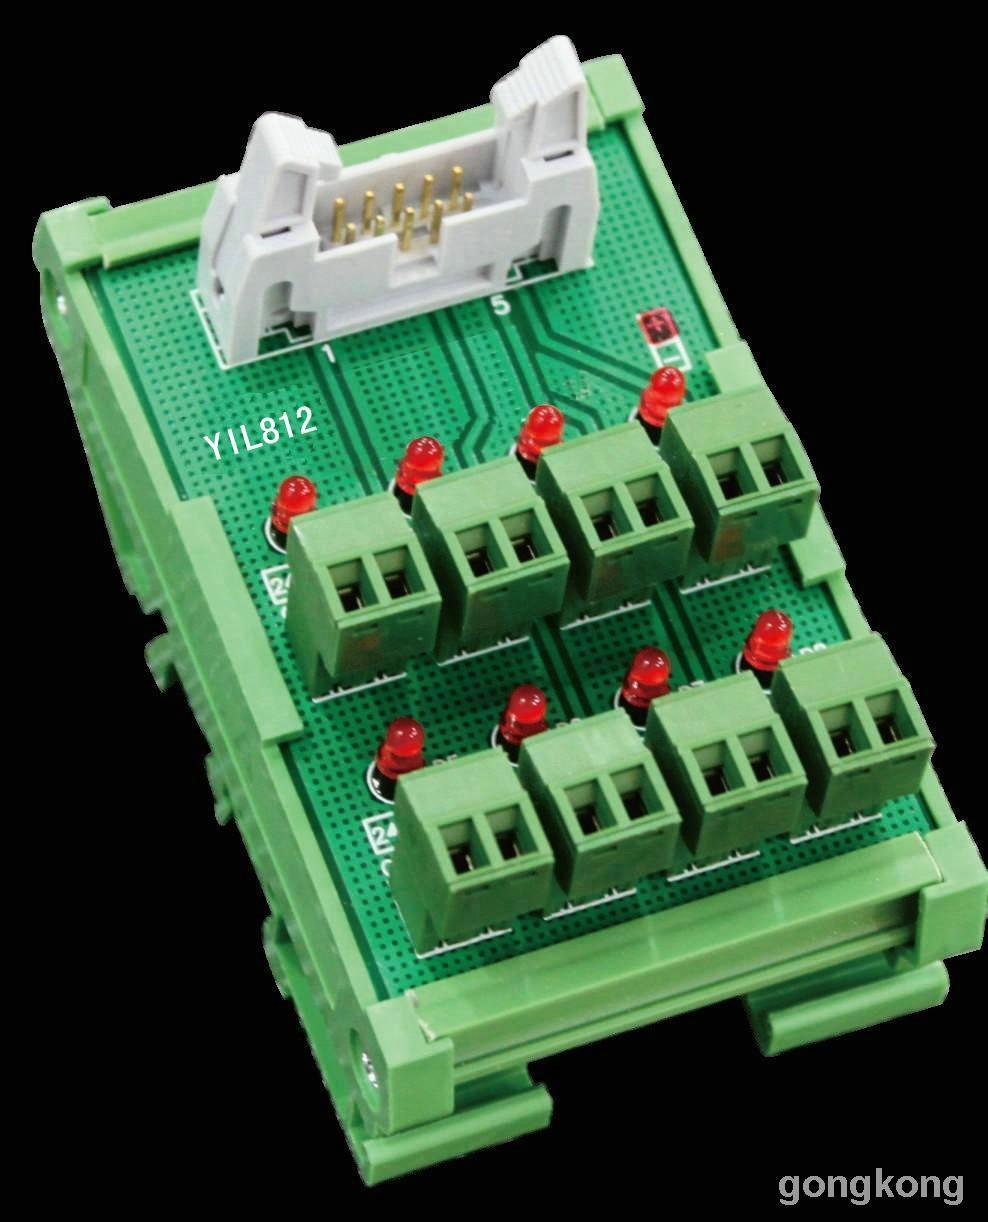 ��(��l$yil_plc模块 计数模块 通讯模块 继电器模组块yil812